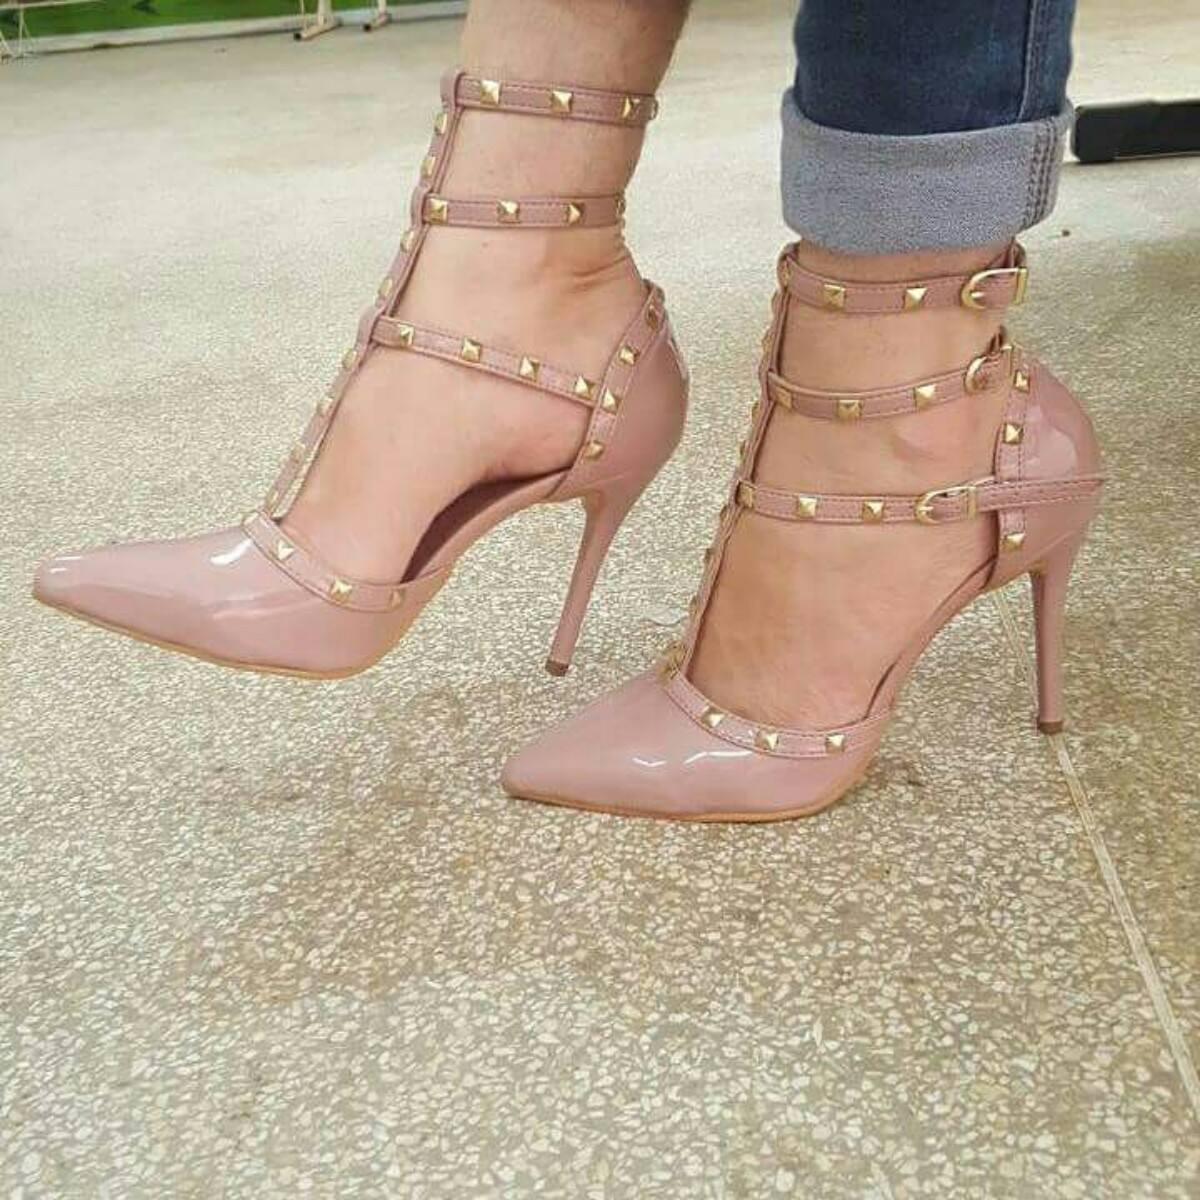 58cd82d24 Sapatos Femininos Salto Alto Scarpin Rose - R$ 238,00 em Mercado Livre